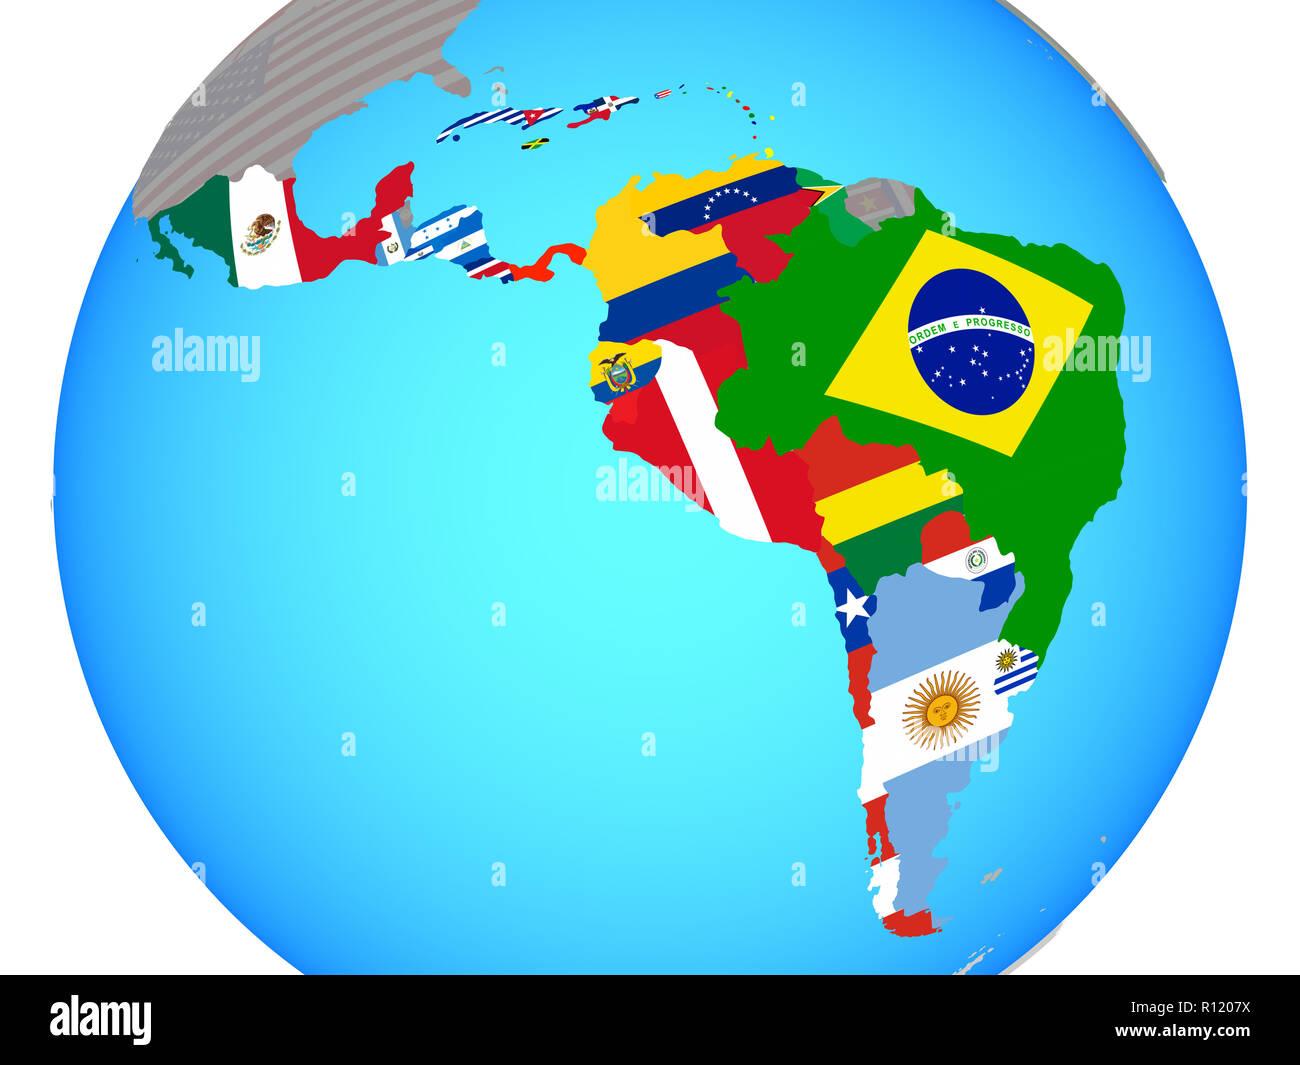 Map Latin America Flags Countries Stock Photos & Map Latin ...